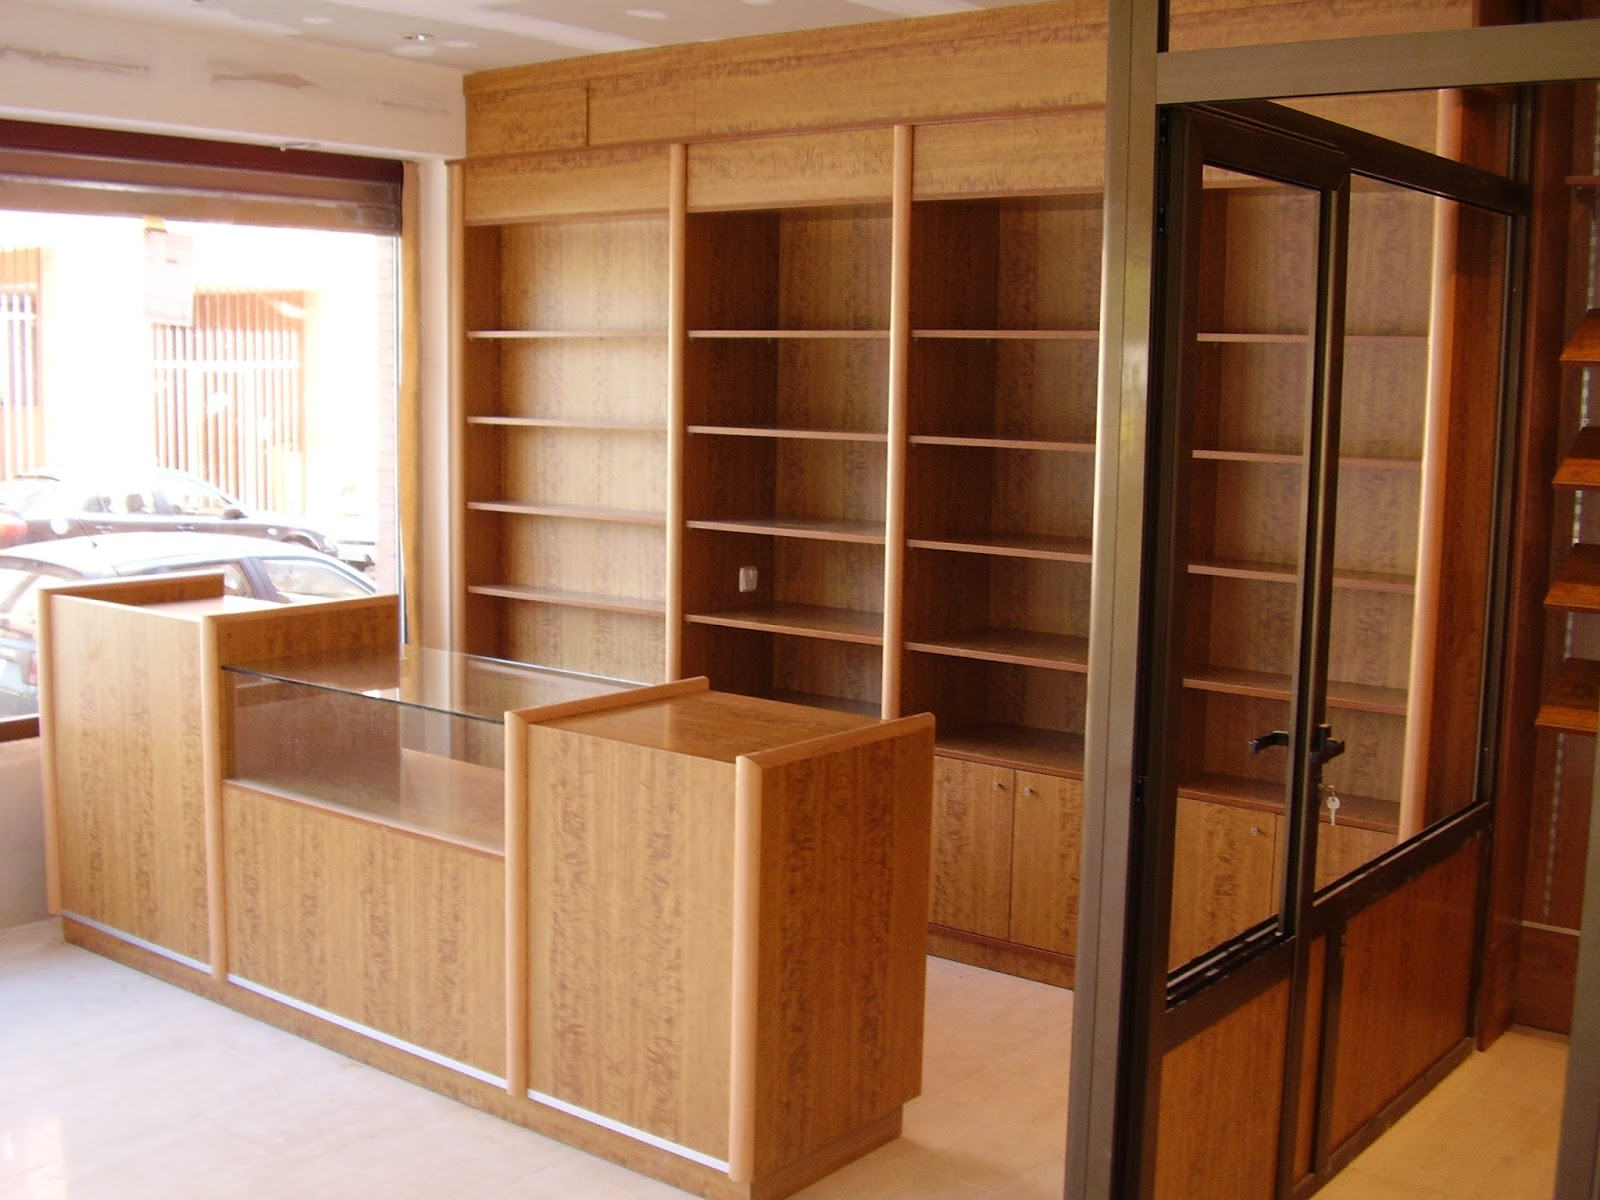 Artideco puertas de madera suelos laminados y armarios for Puertas de madera zaragoza